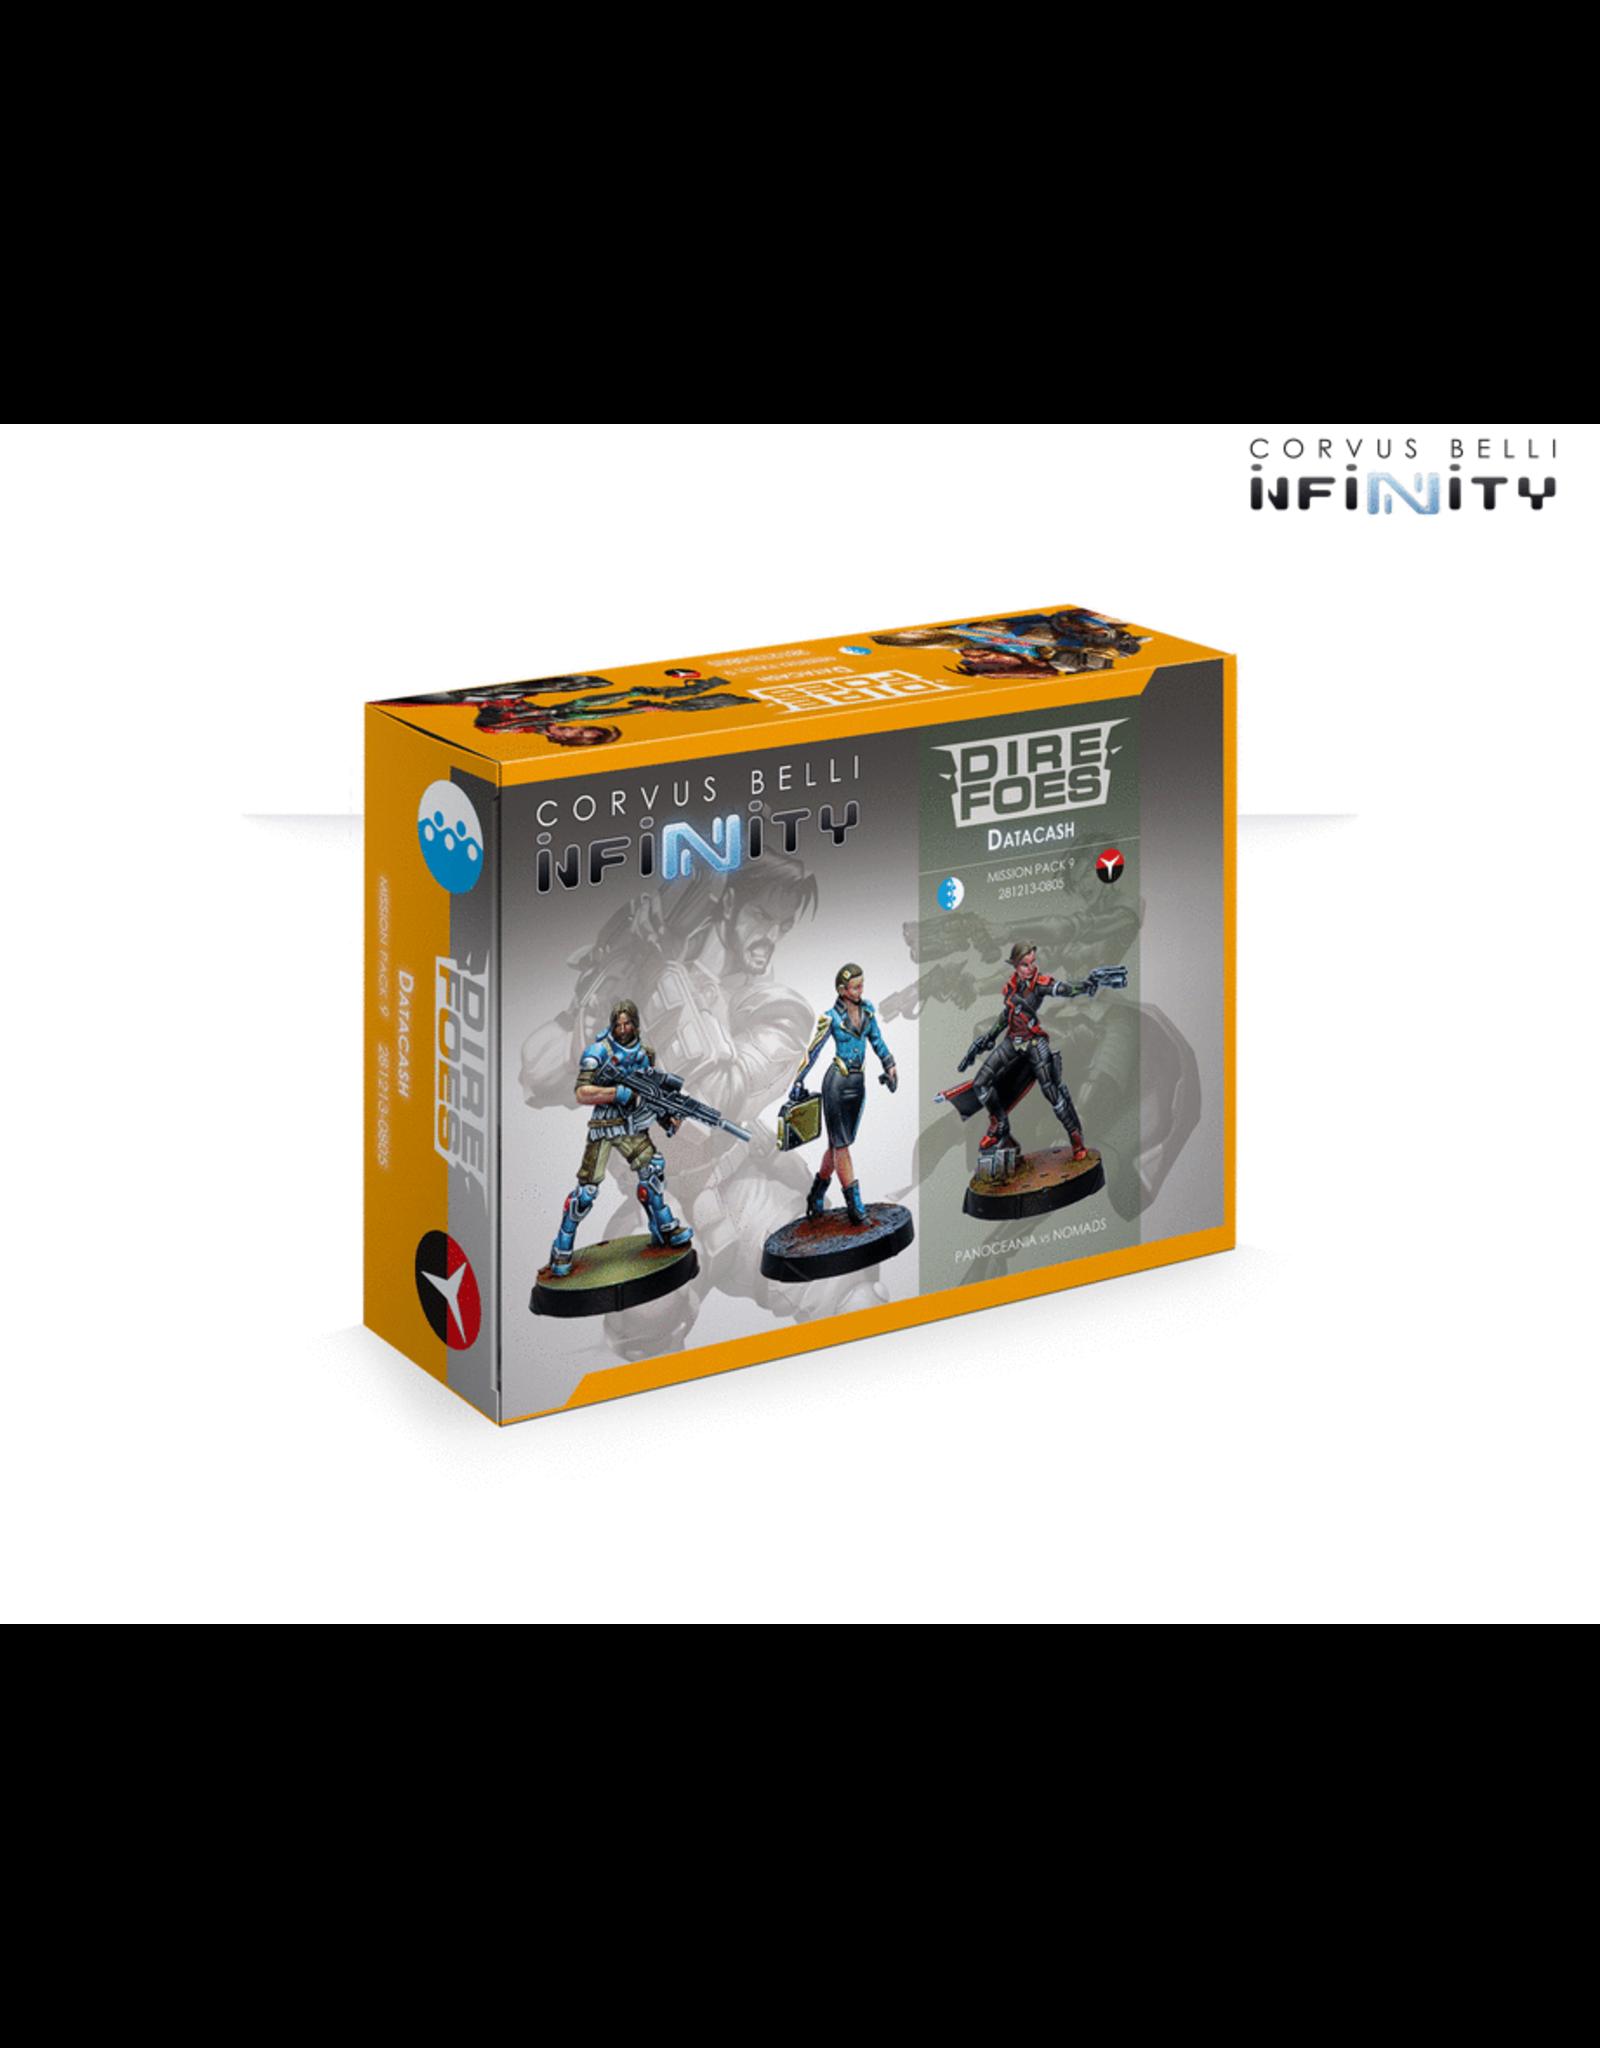 Corvus Belli Infinity: Dire Foes 9: Datacash